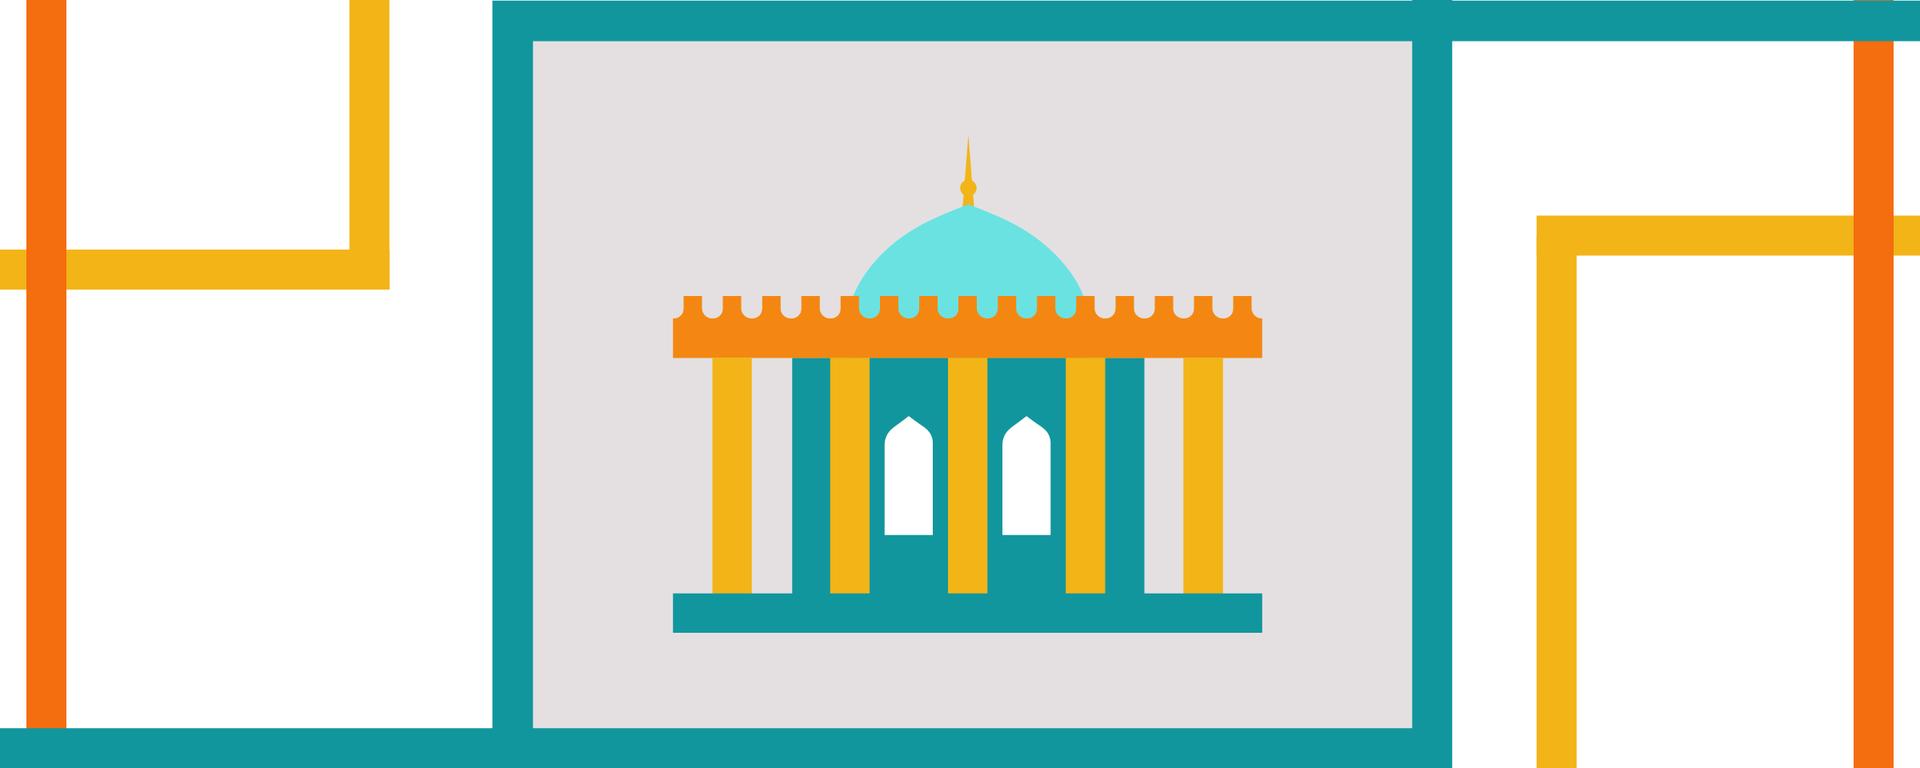 Сколько музеев в Узбекистане — статистика - Sputnik Узбекистан, 1920, 30.03.2021